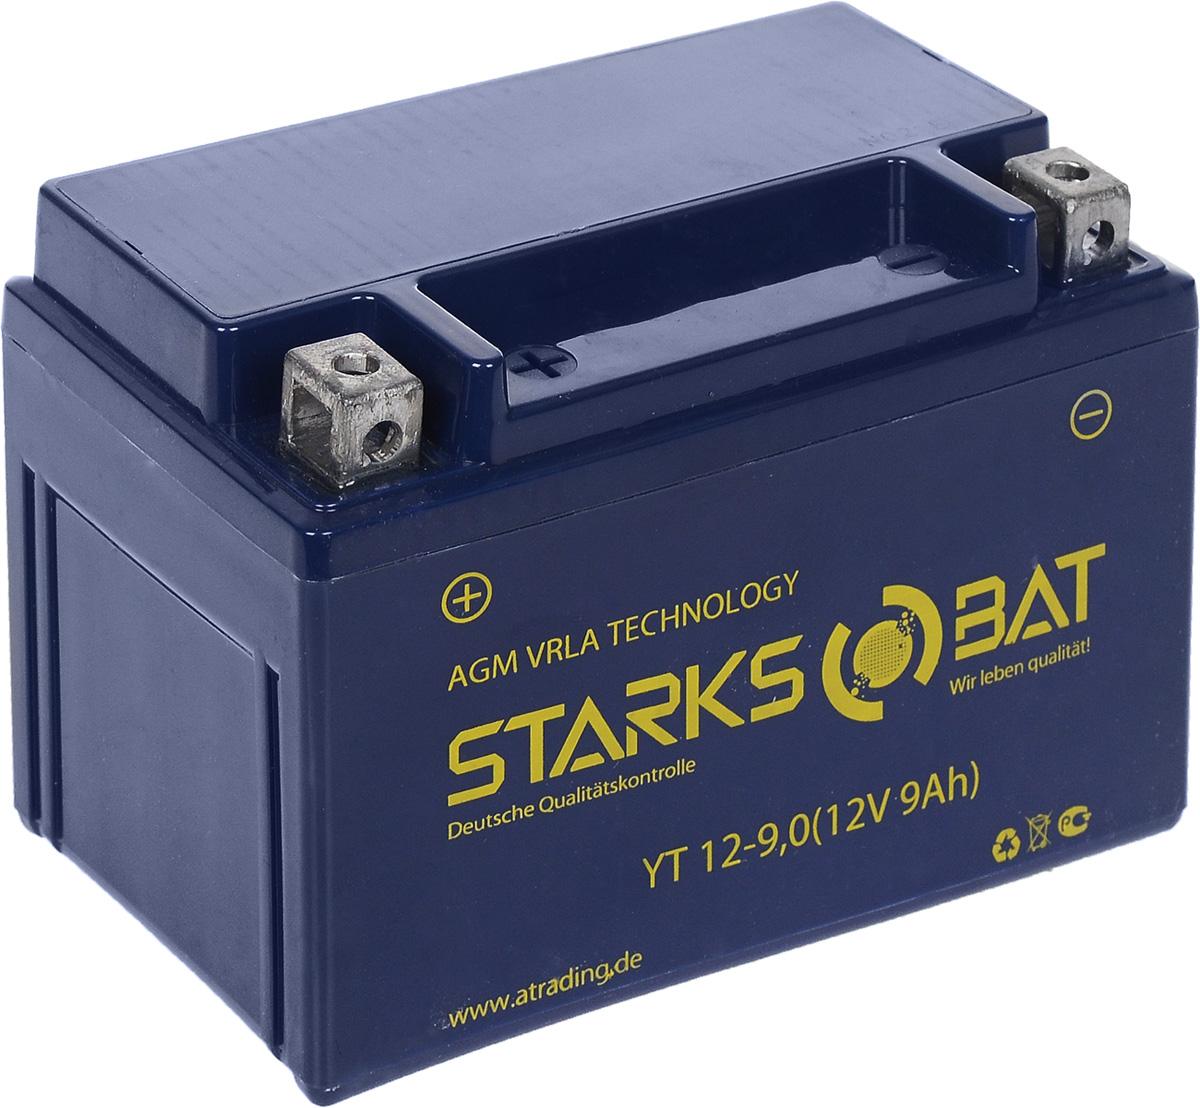 Батарея аккумуляторная для мотоциклов Starksbat. YT 12-9.0 (YTX9-BS)YT 12-9.0Аккумулятор Starksbat изготовлен по технологии AGM, обеспечивающей повышенный уровень безопасности батареи и удобство ее эксплуатации. Корпус выполнен из особо ударопрочного и морозостойкого полипропилена. Аккумулятор блестяще доказал свои высокие эксплуатационные свойства в самых экстремальных условиях бездорожья, высоких и низких температур.Аккумуляторная батарея Starksbat производится под знаменитым немецким контролем качества, что обеспечивает ему высокие пусковые характеристики и восстановление емкости даже после глубокого разряда.Напряжение: 12 В.Емкость: 9 Ач.Полярность: прямая (+ -).Ток холодной прокрутки: 135 Аh (EN).